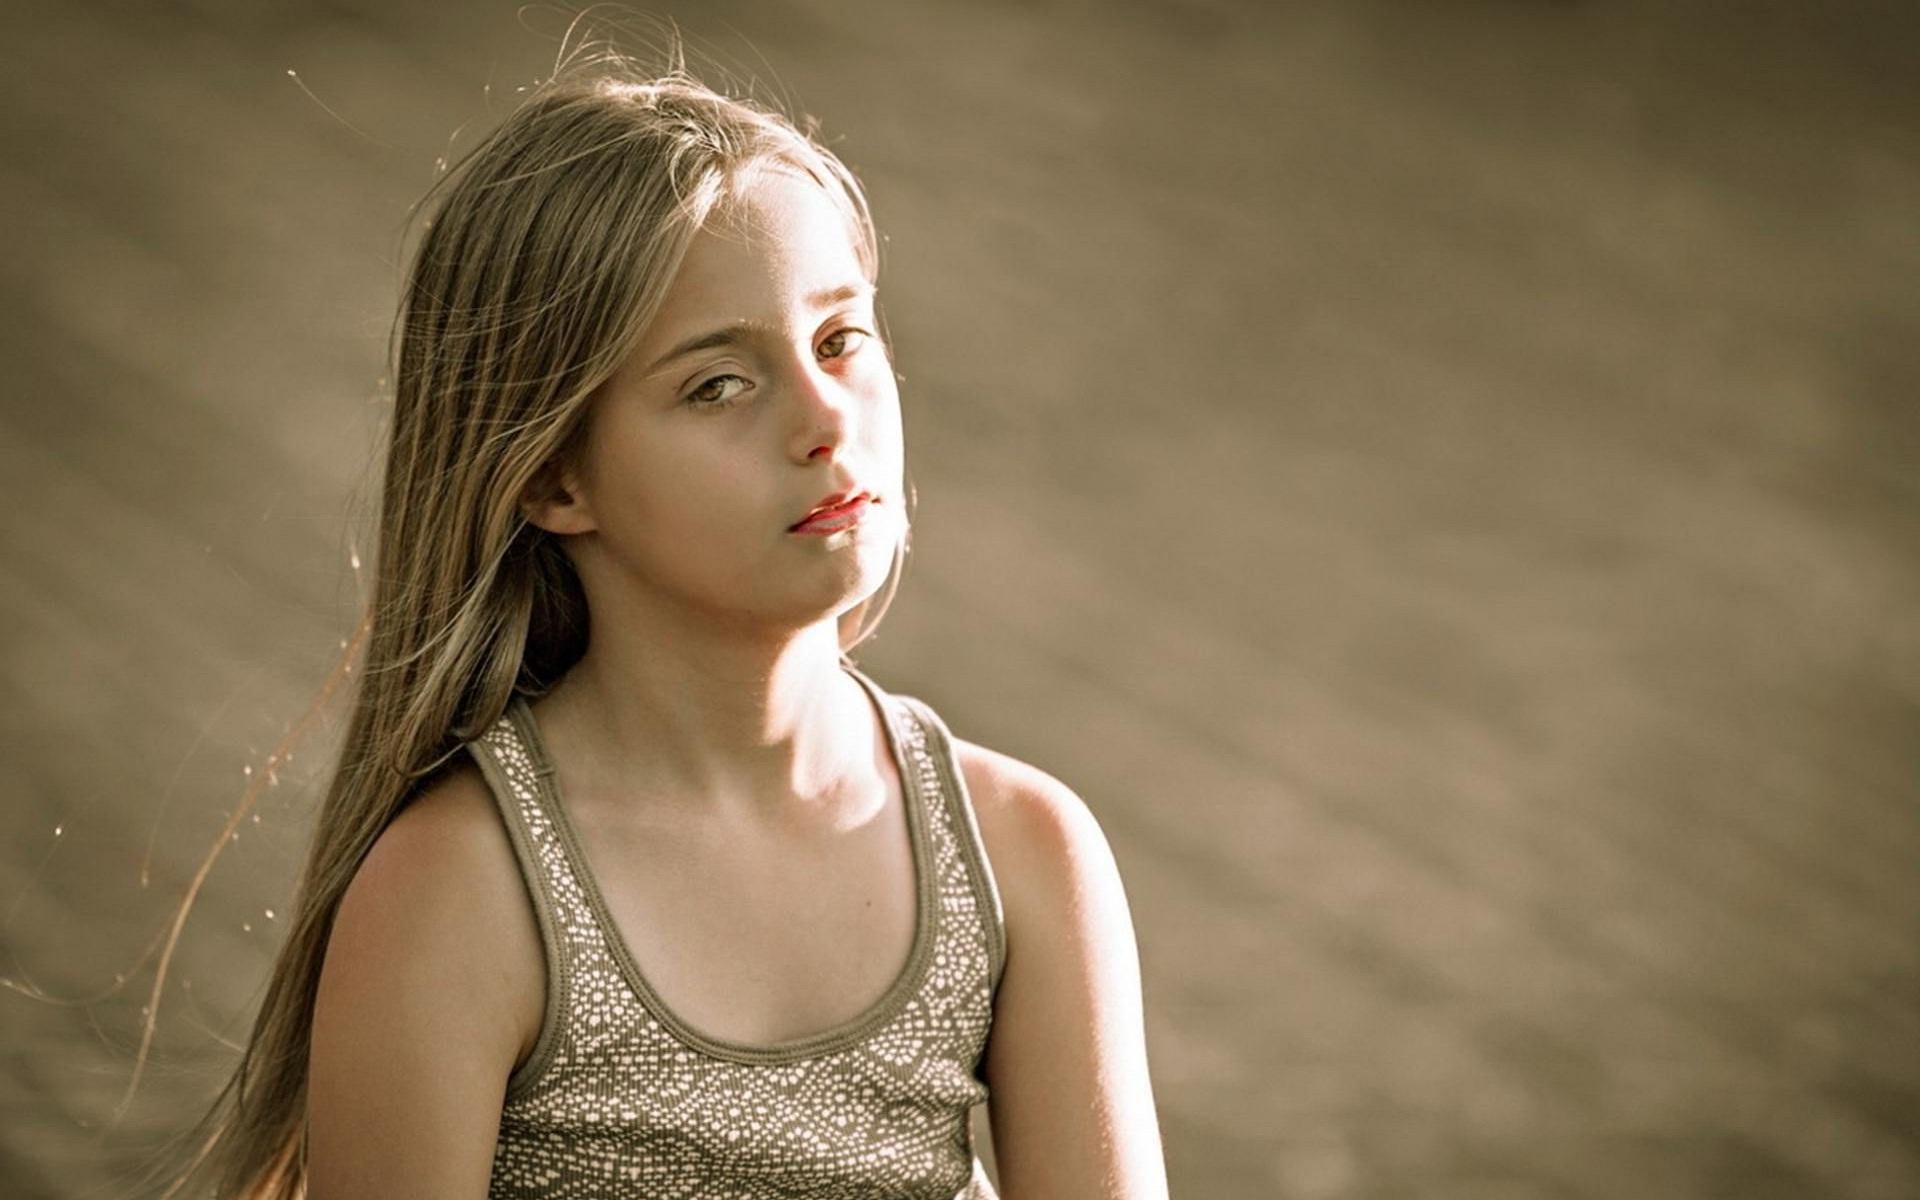 بالصور صور بنات صغار عمر 11 , اروع صور فتيات وصبايا صغيرين 3801 6